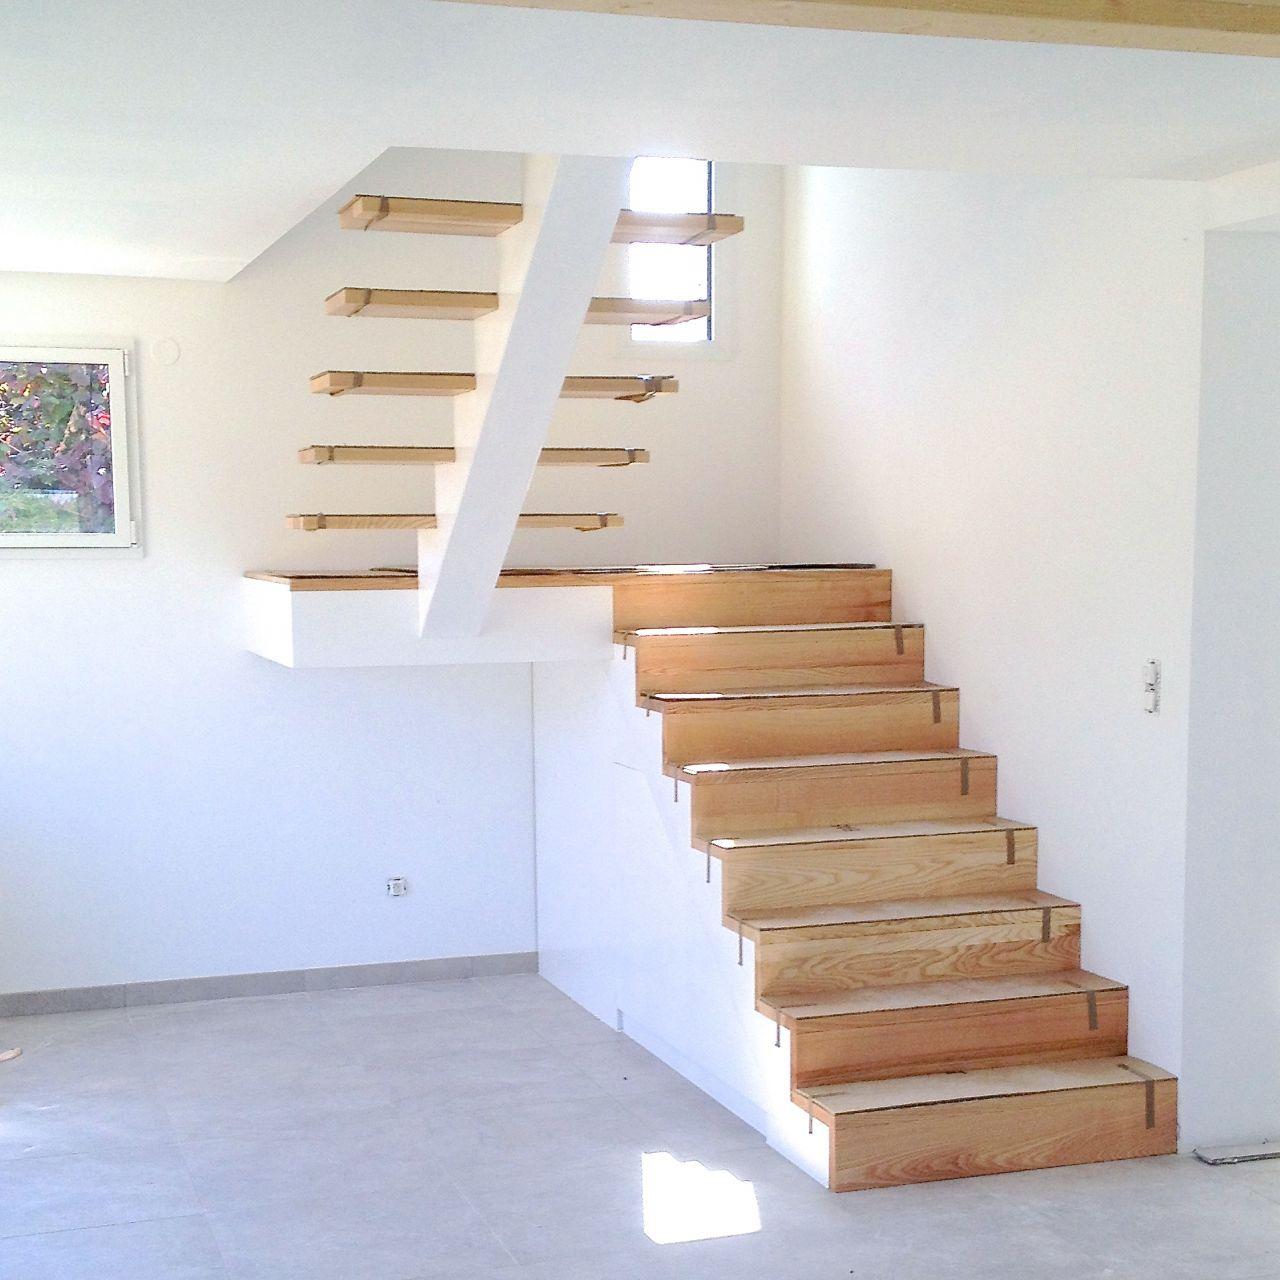 L Escalier Fini En Attente De Garde Corps Escalier Demi Tournant Interieurs En Beton Et Amenagement Escalier